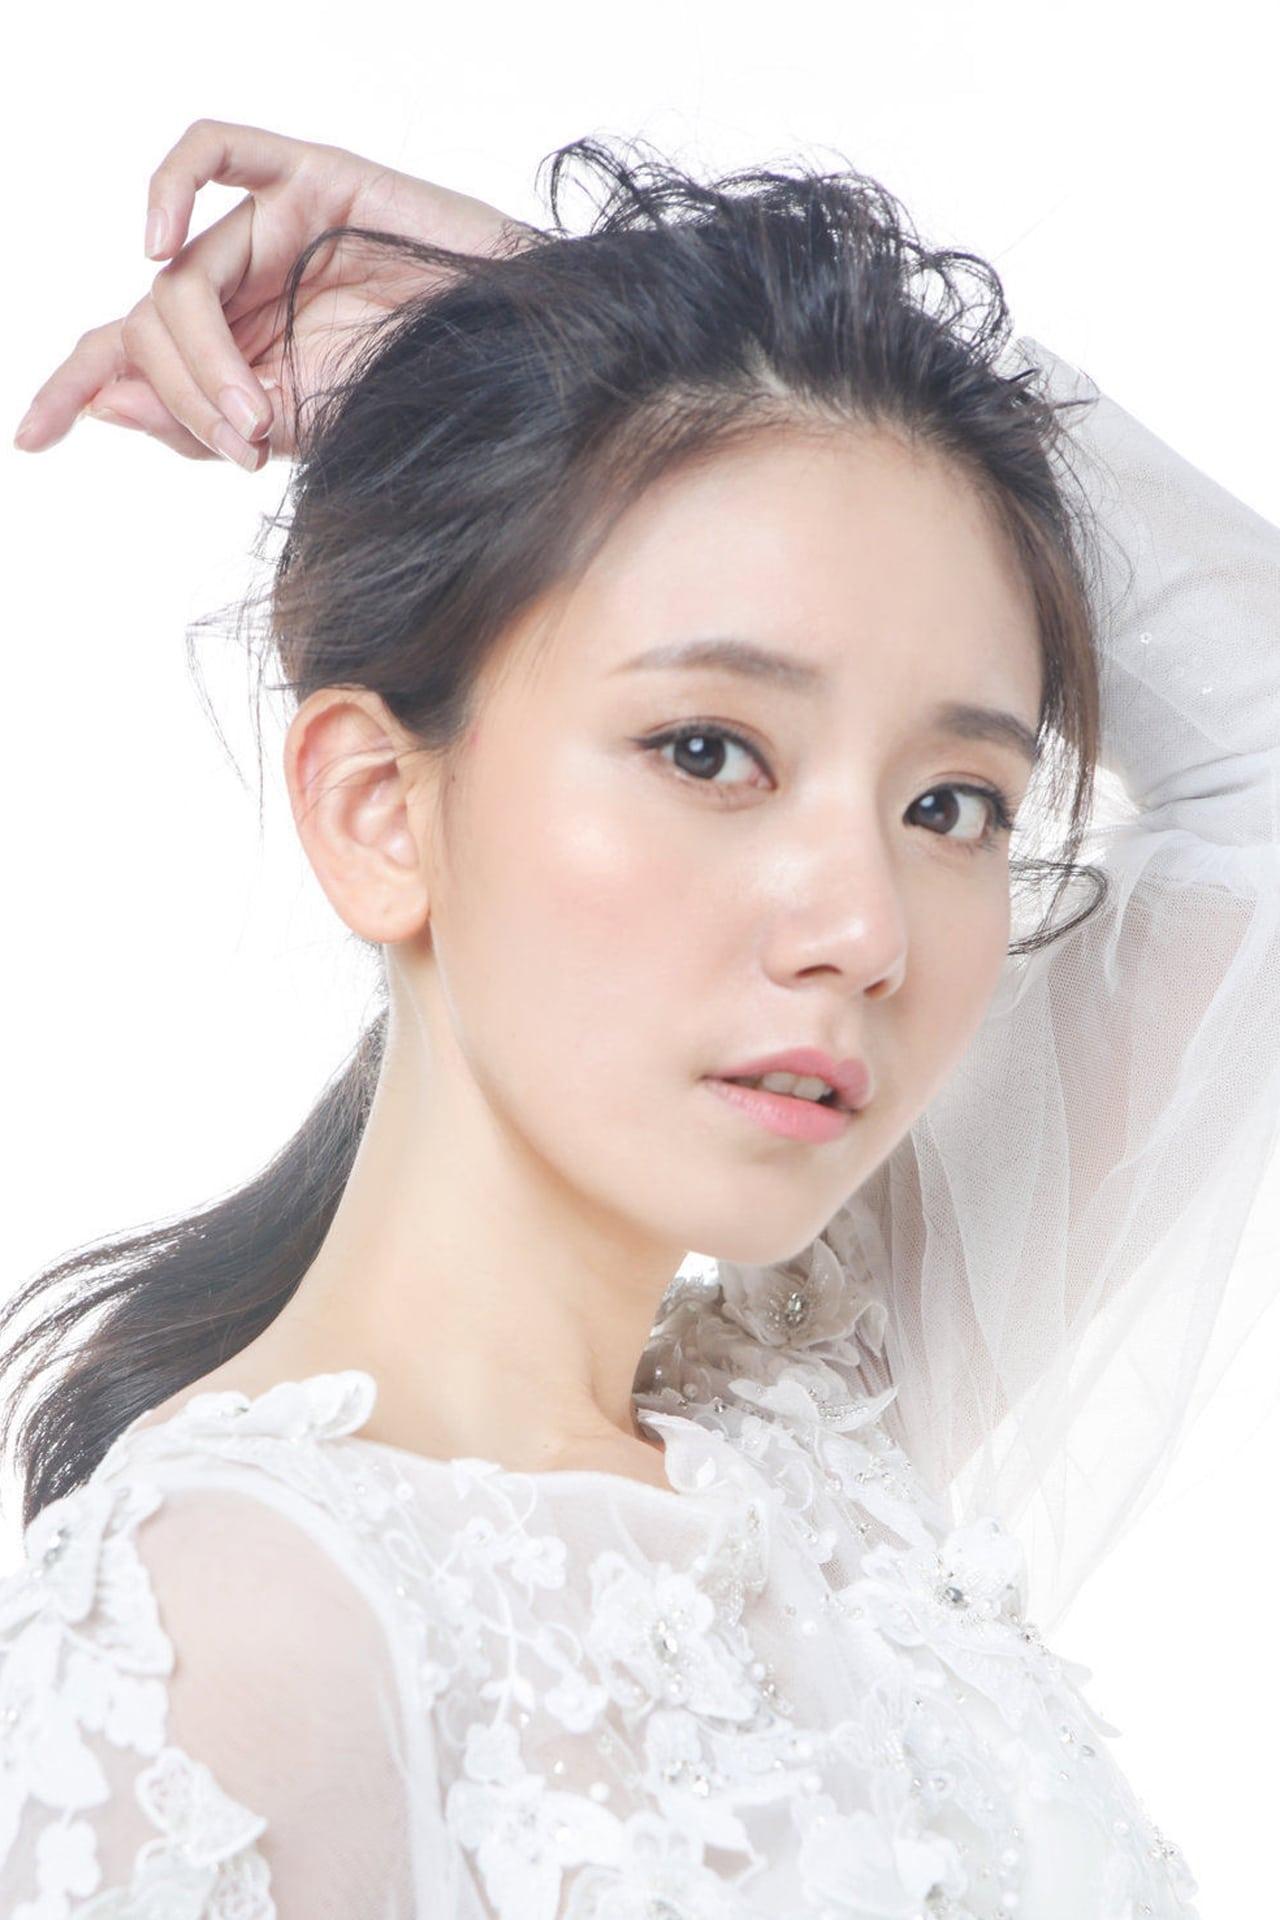 Li Qinyao